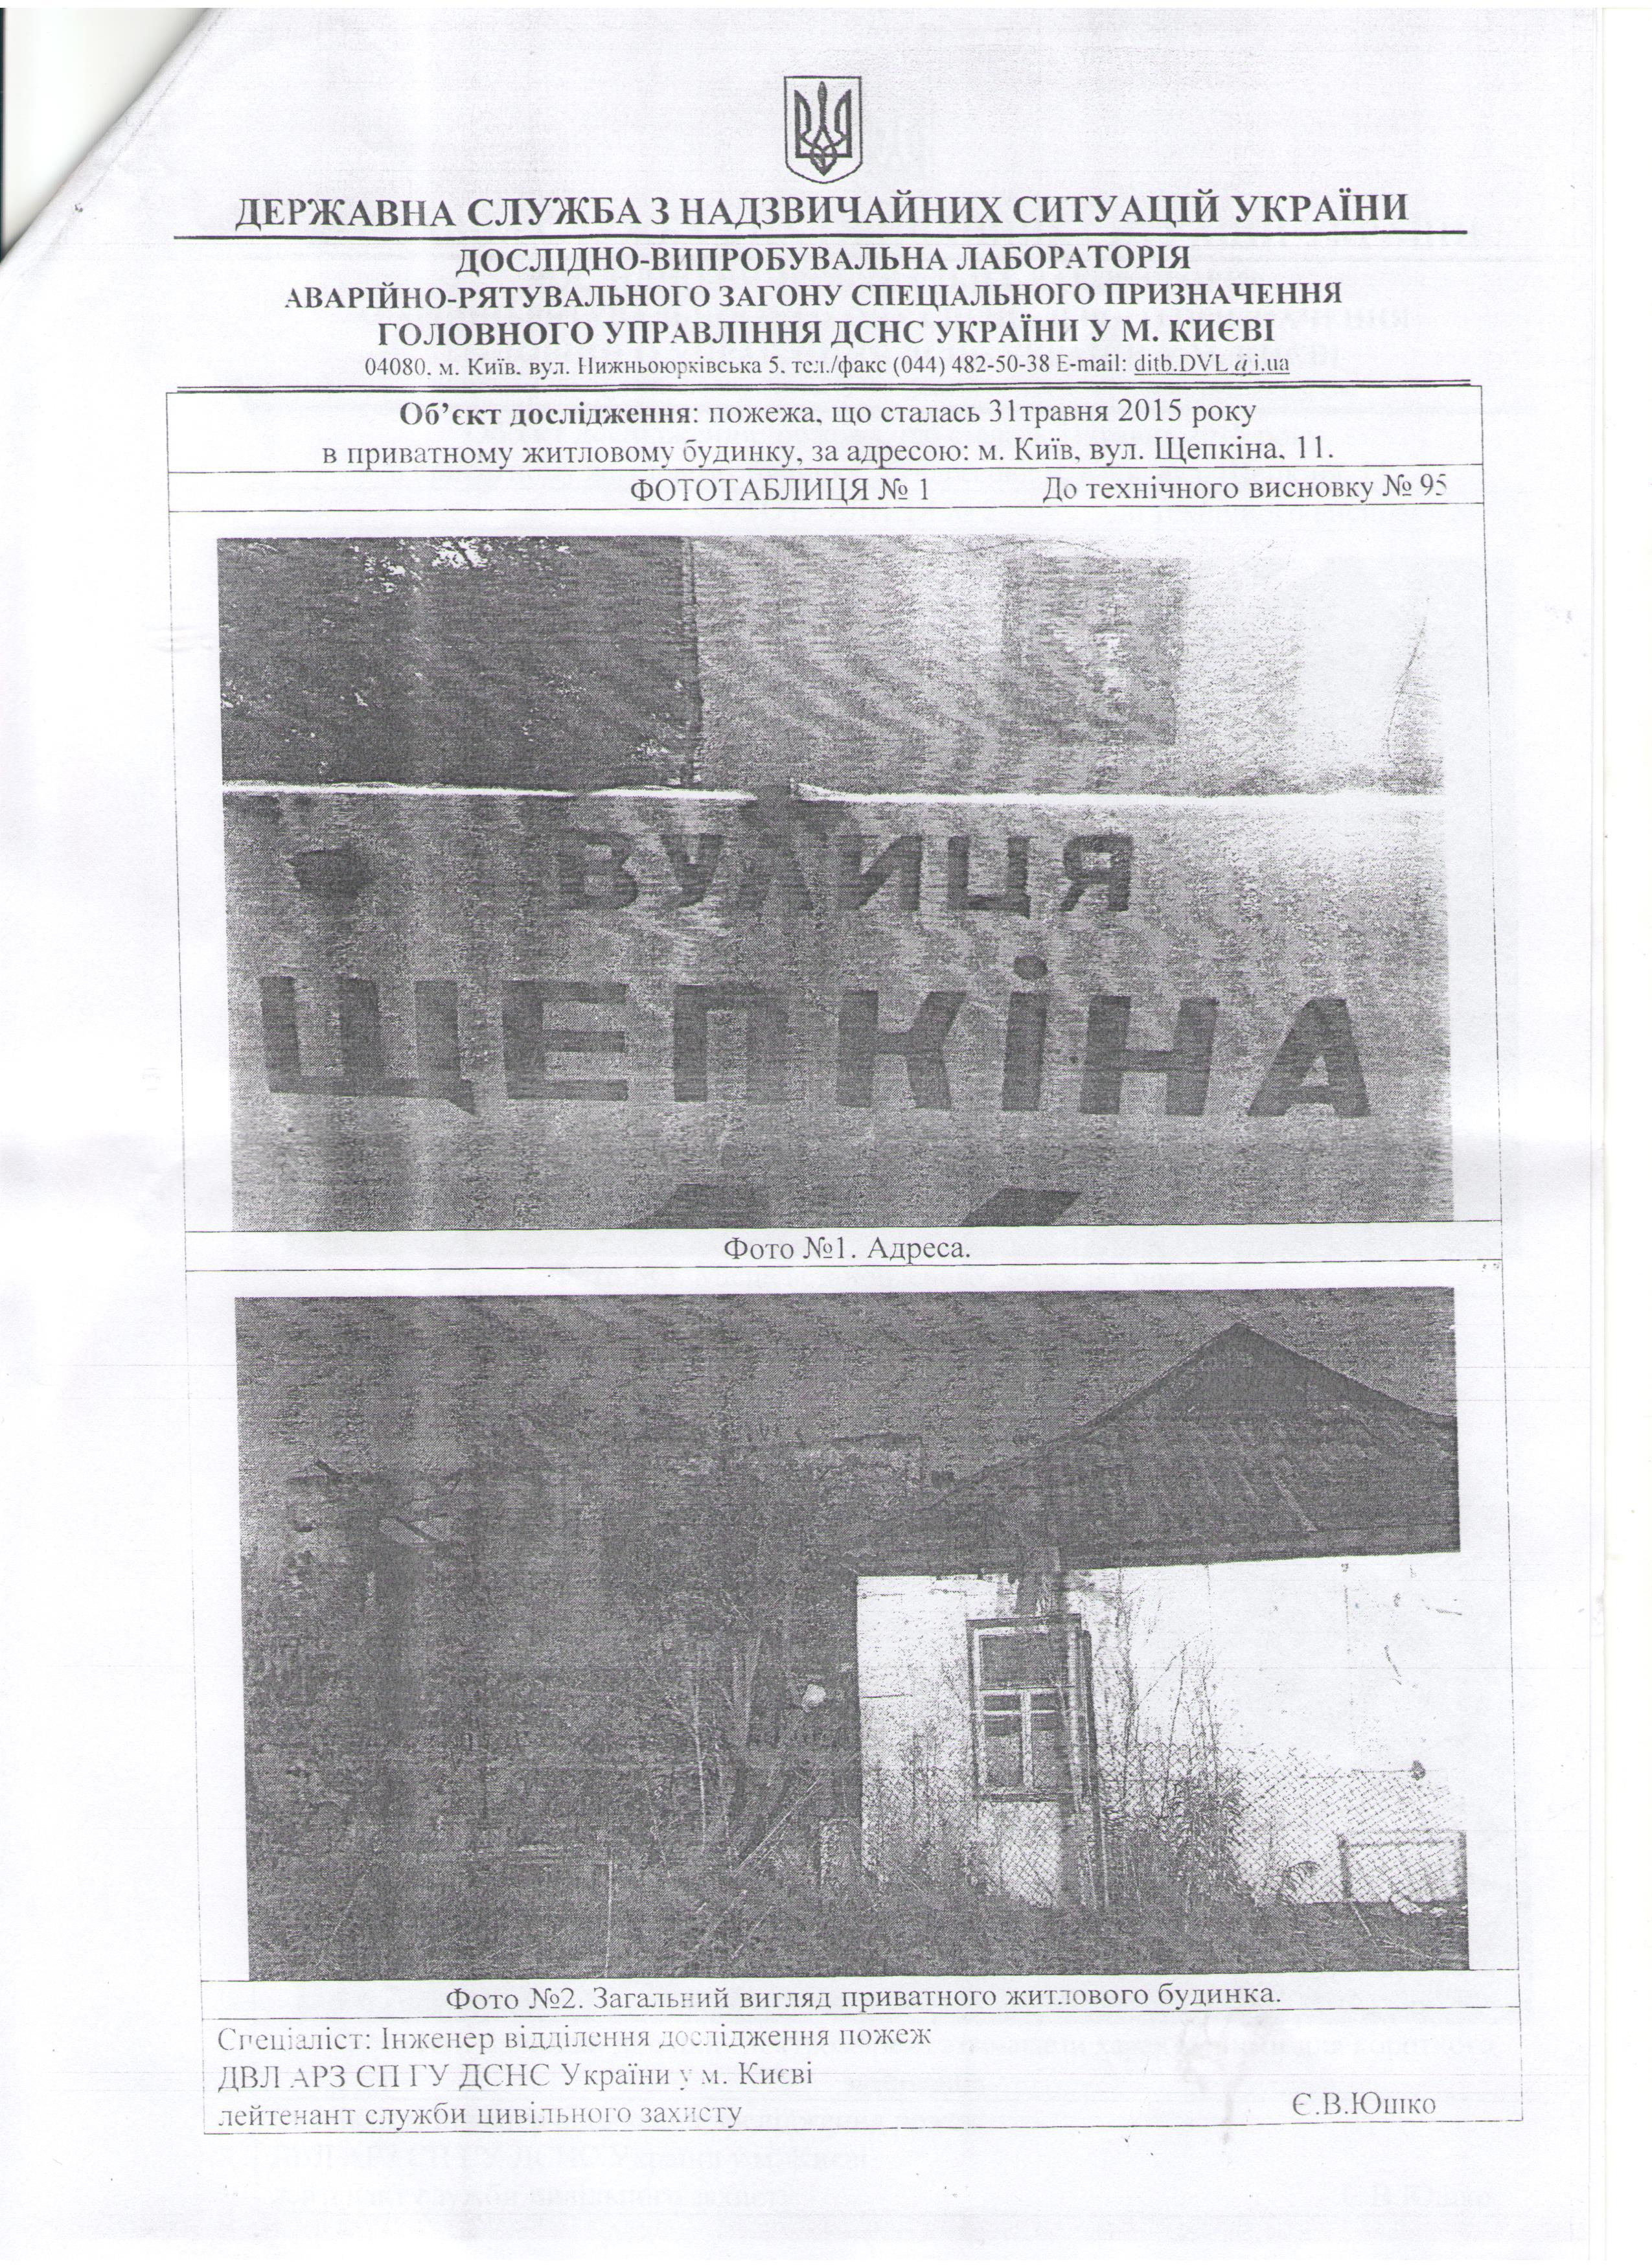 Тех висновок (5ст.)  пожежників по вул Щепкіна,11